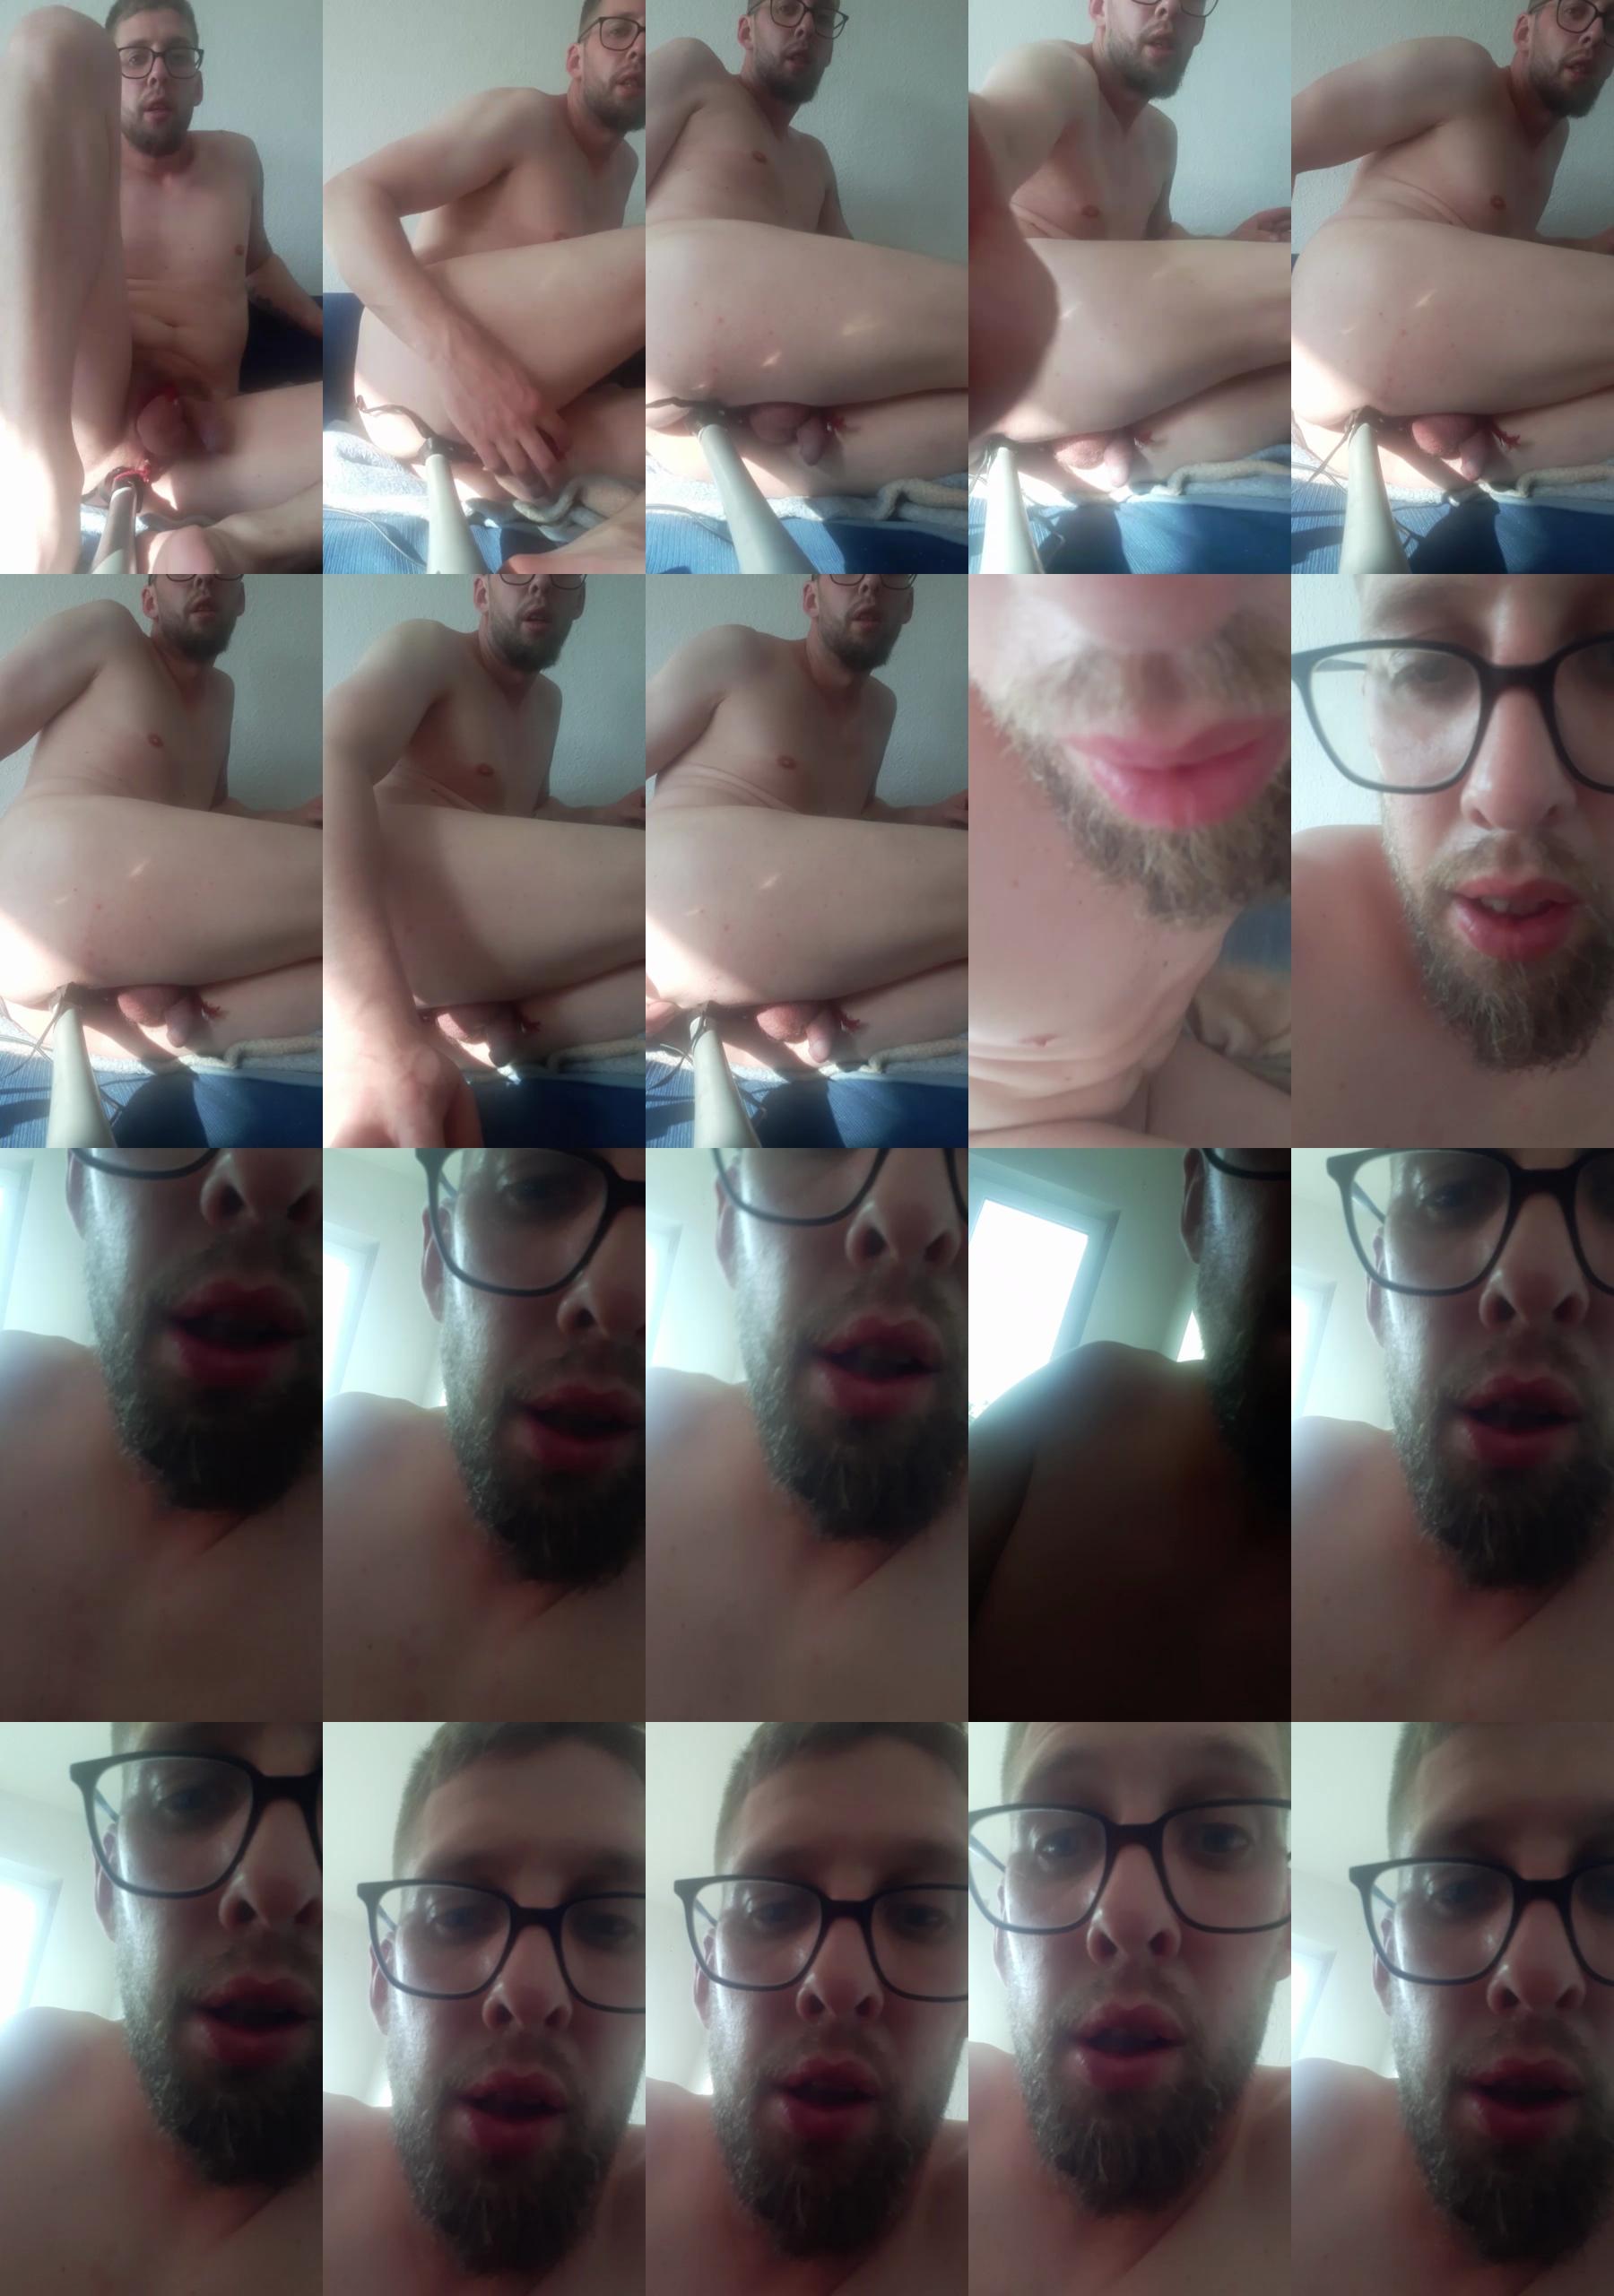 xxjohncockxx6 Cam4 25-09-2021 Recorded Video Topless